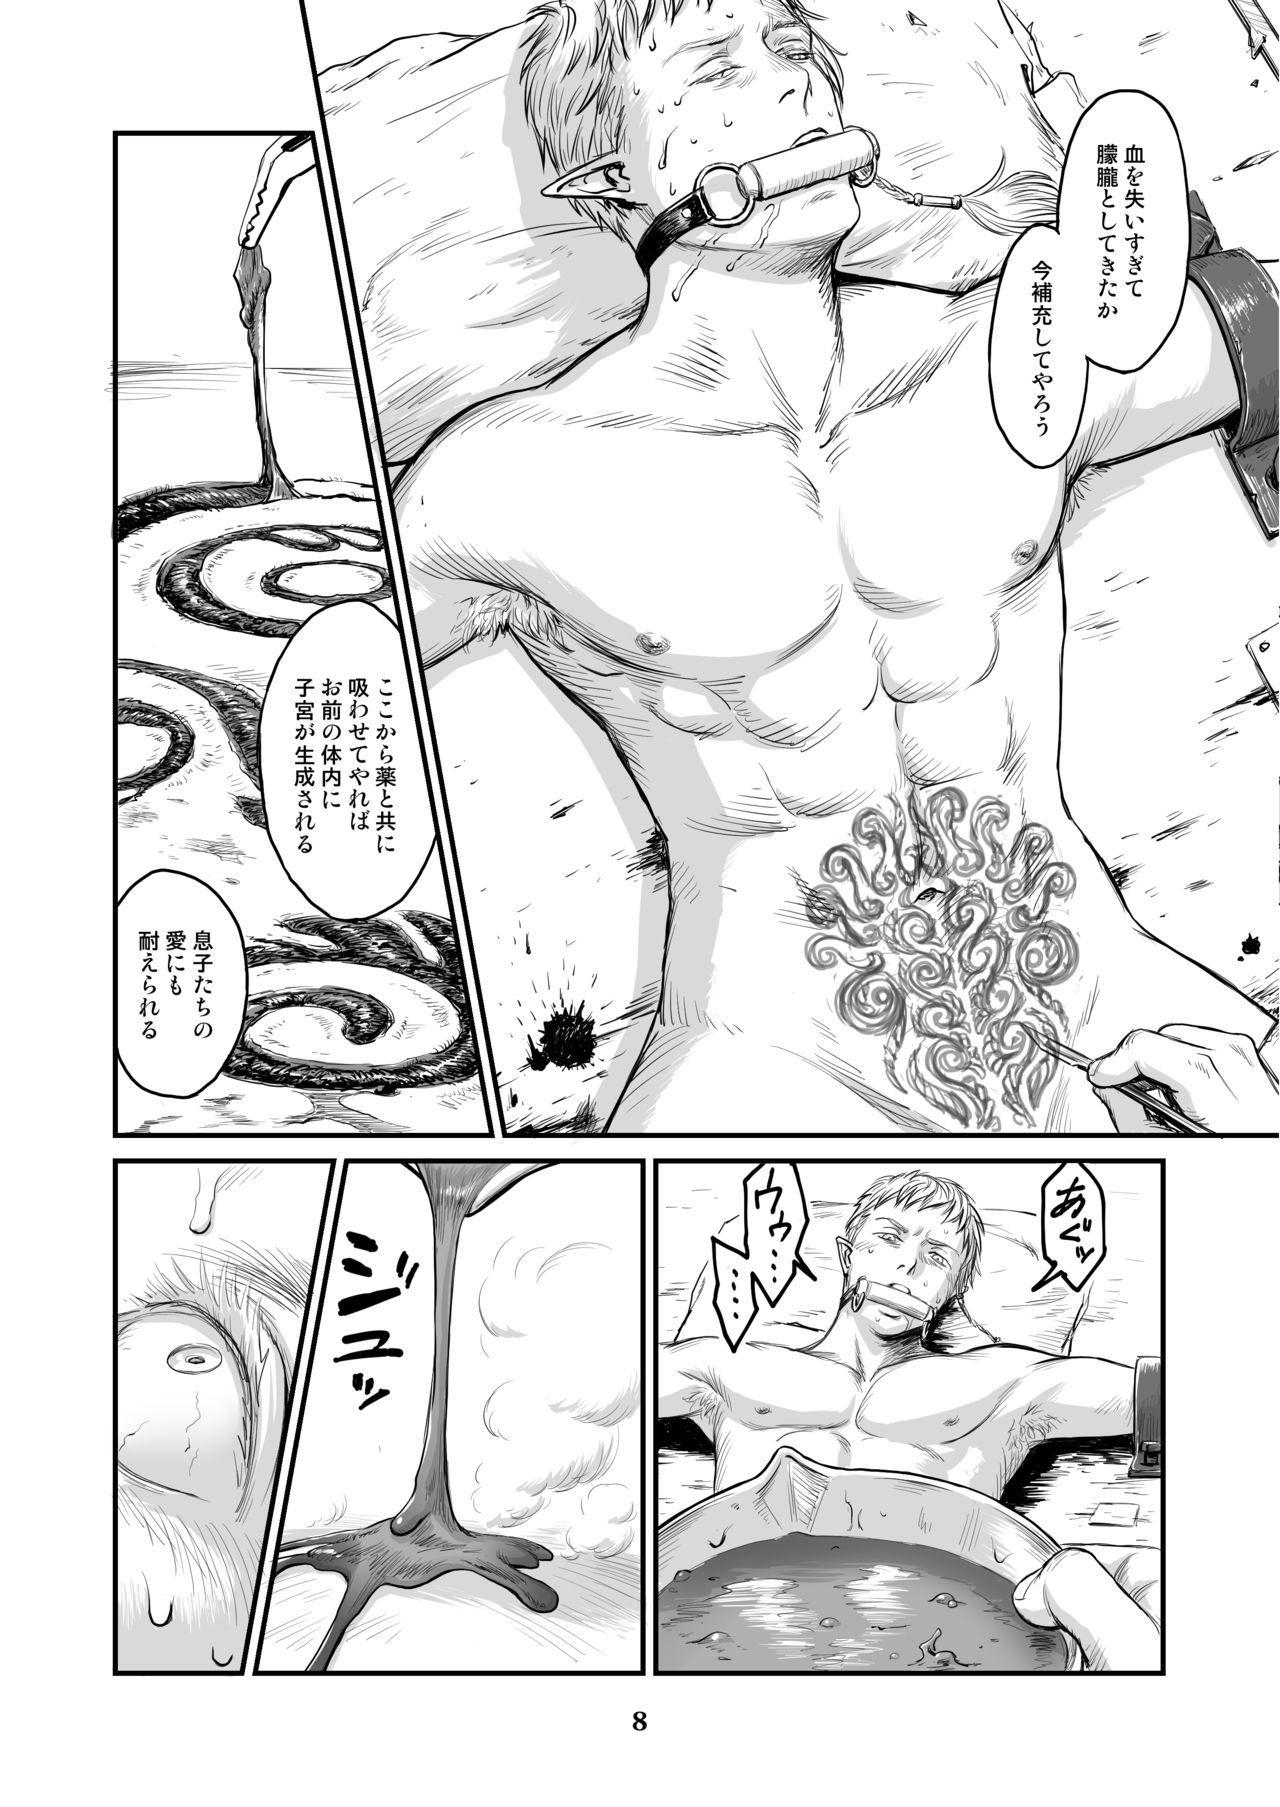 Chikuhyou no Hanayome 6